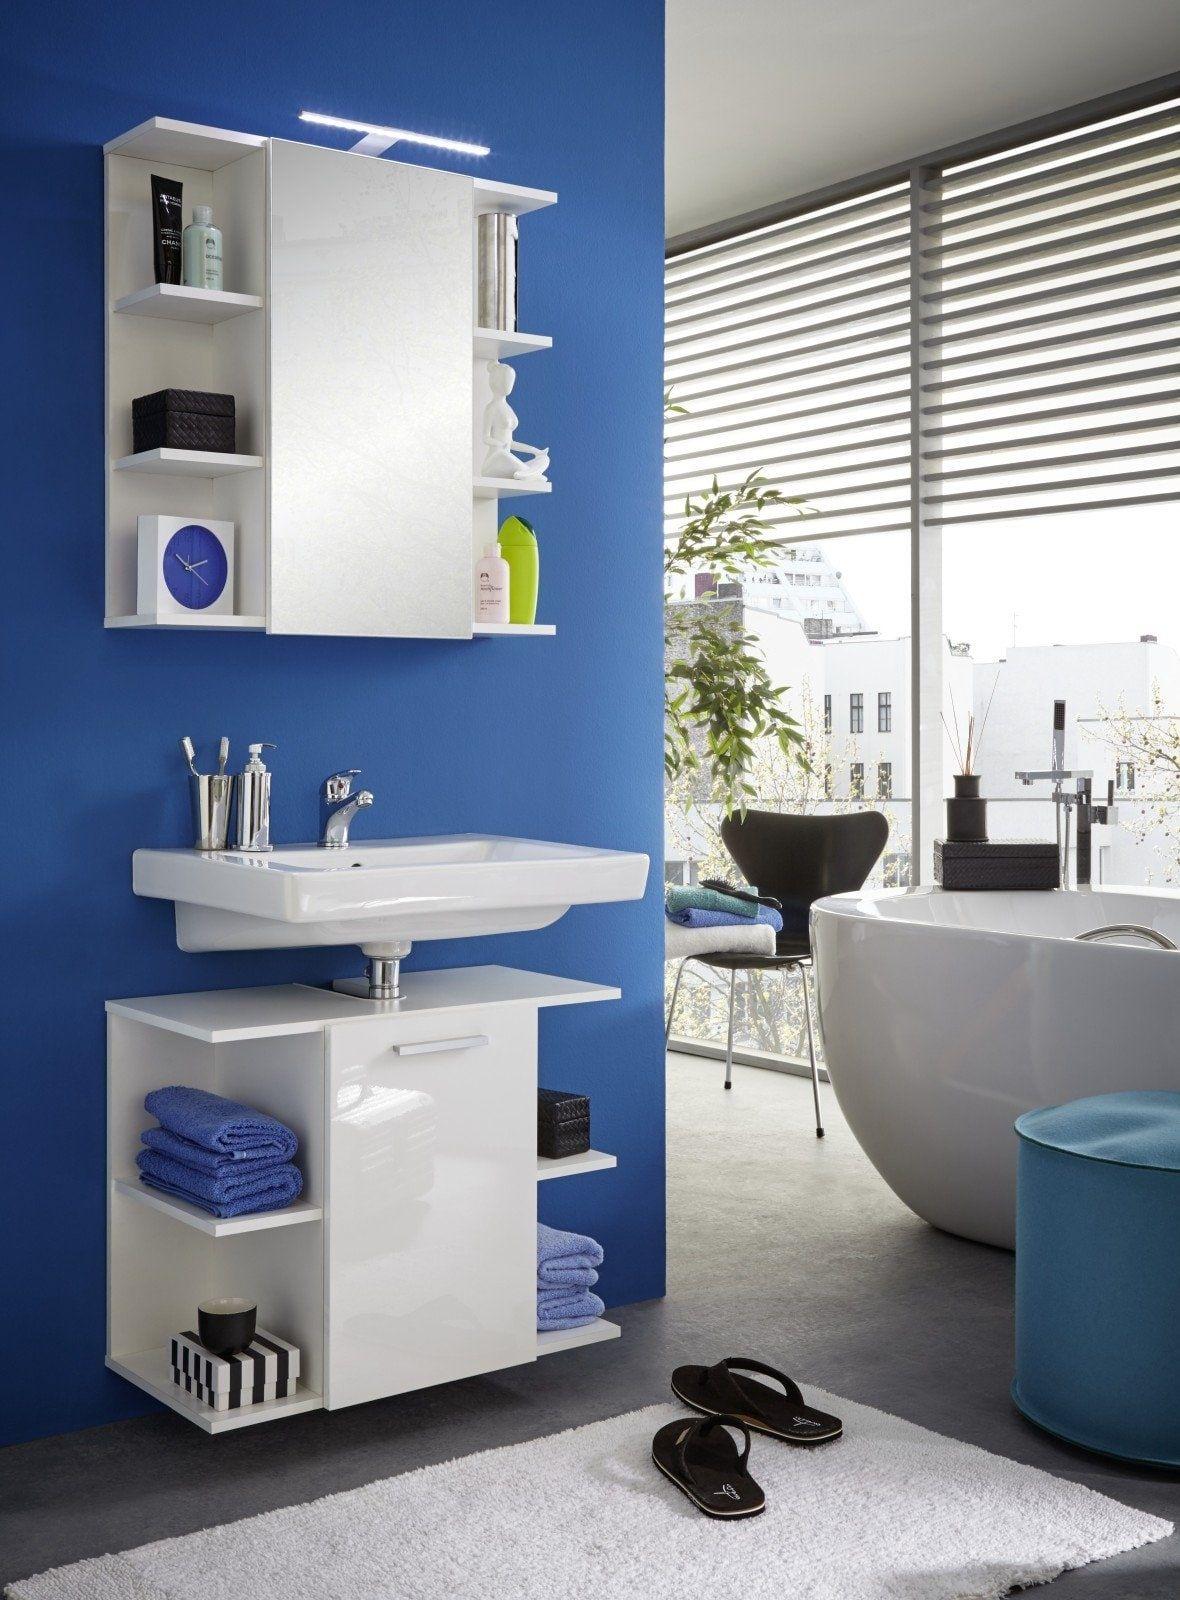 Erfreut Nobby Design Ideas Spiegelschrank Bad Mit Beleuchtung Und ...